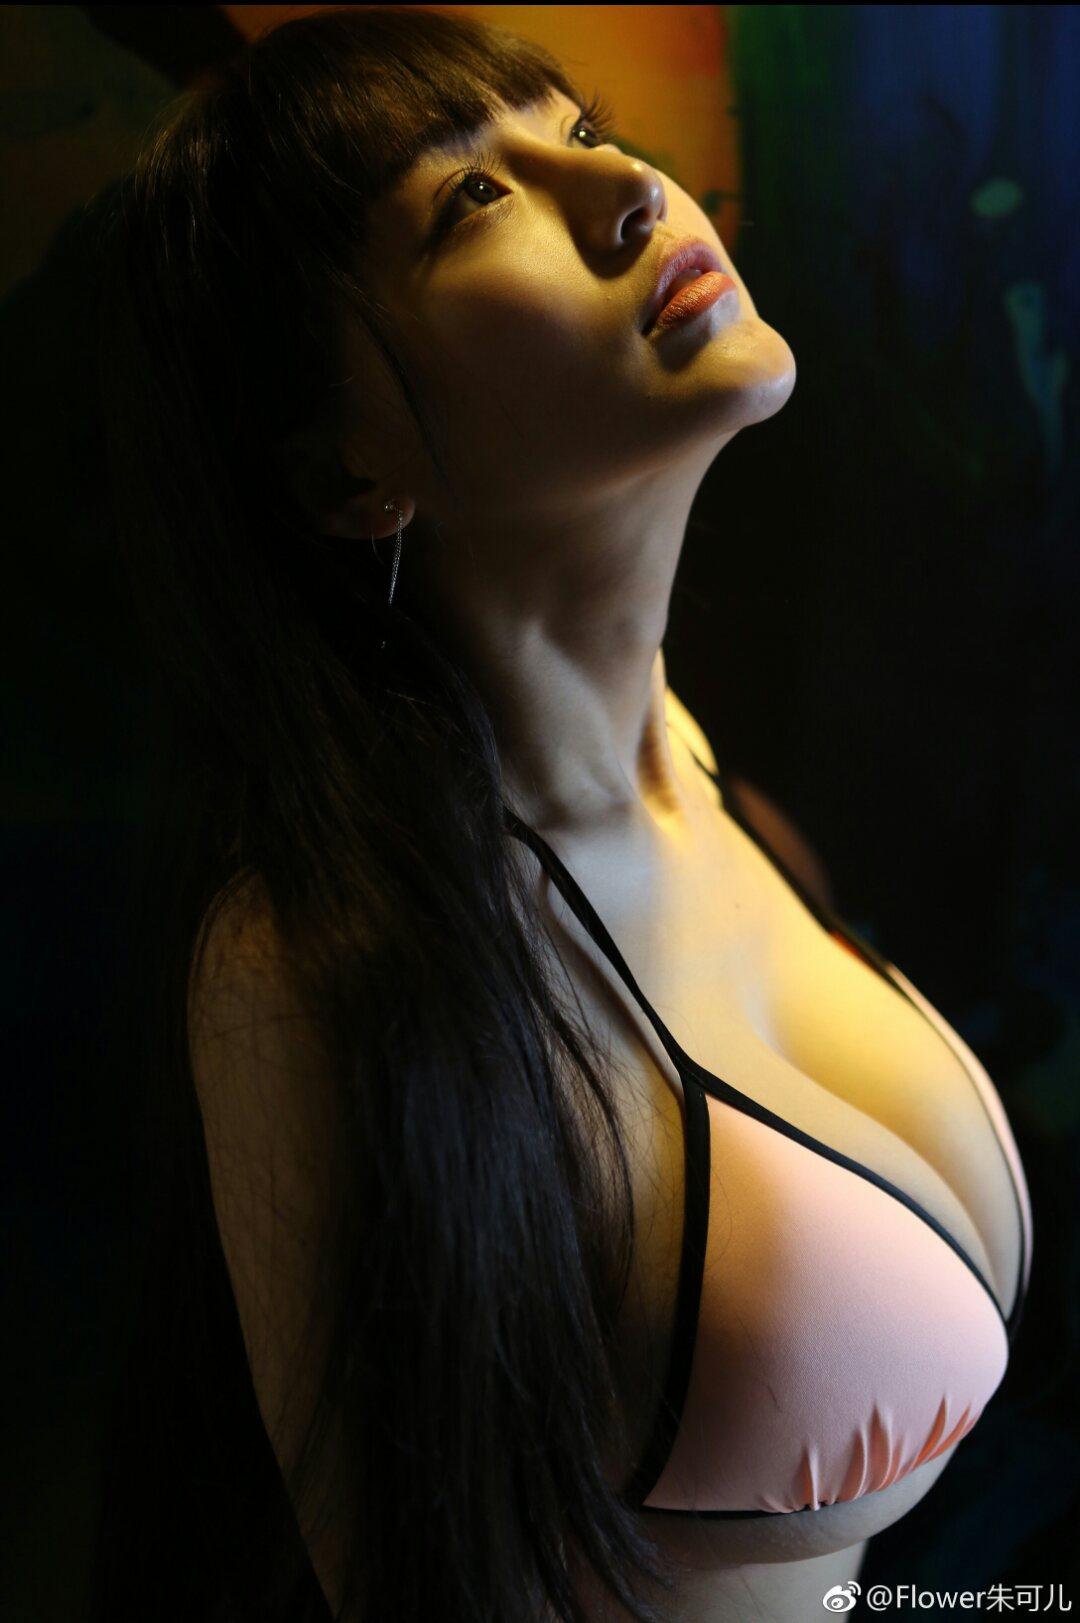 image http://scanlover.com/assets/images/7847-wy0xkX49JbhllpgP.jpeg